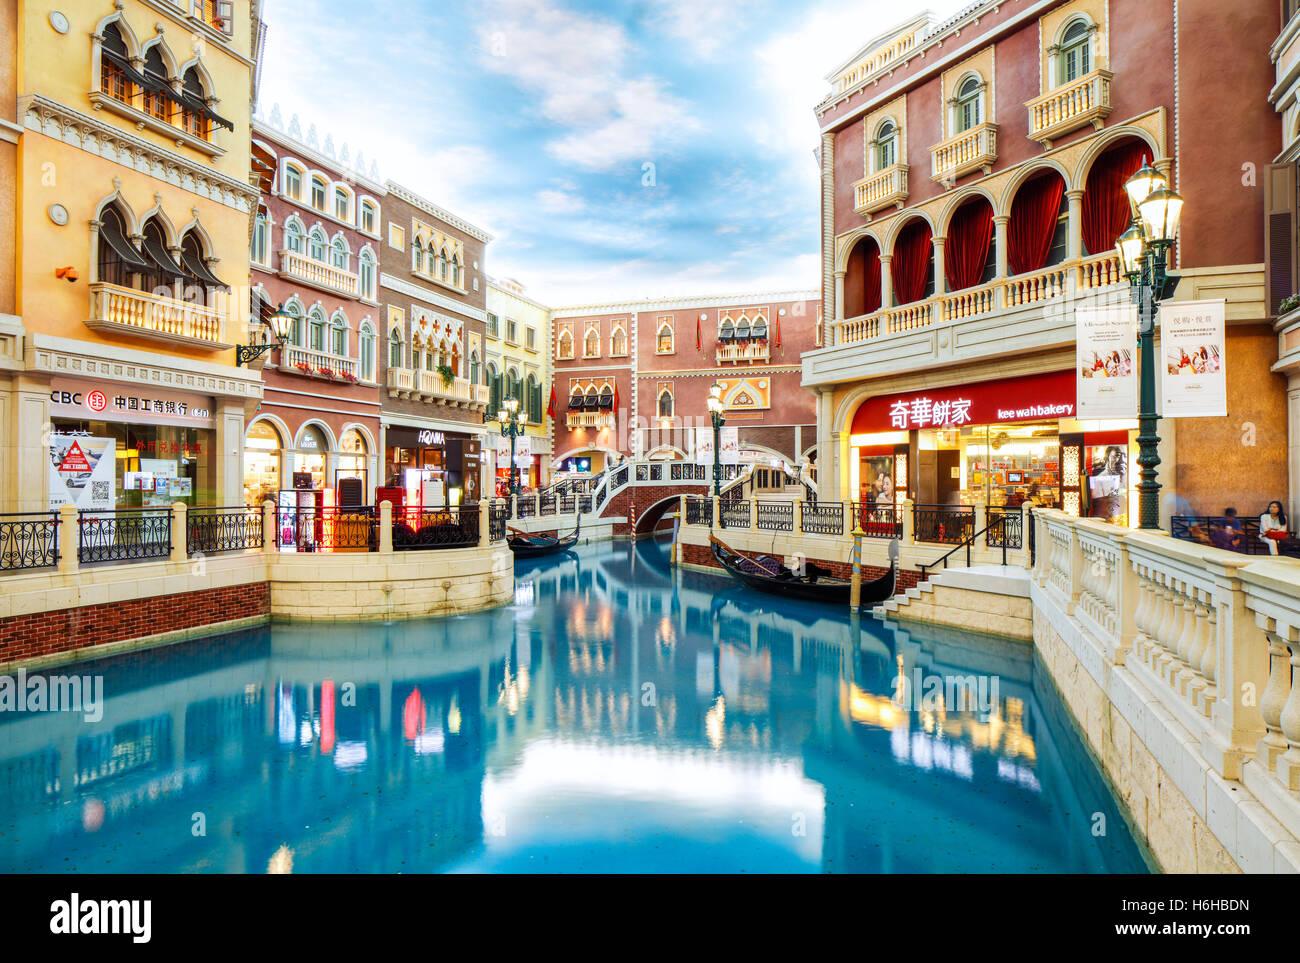 El centro comercial Grand Canal Shoppes en el Venetian Hotel, Cotai, Macao. Imagen De Stock